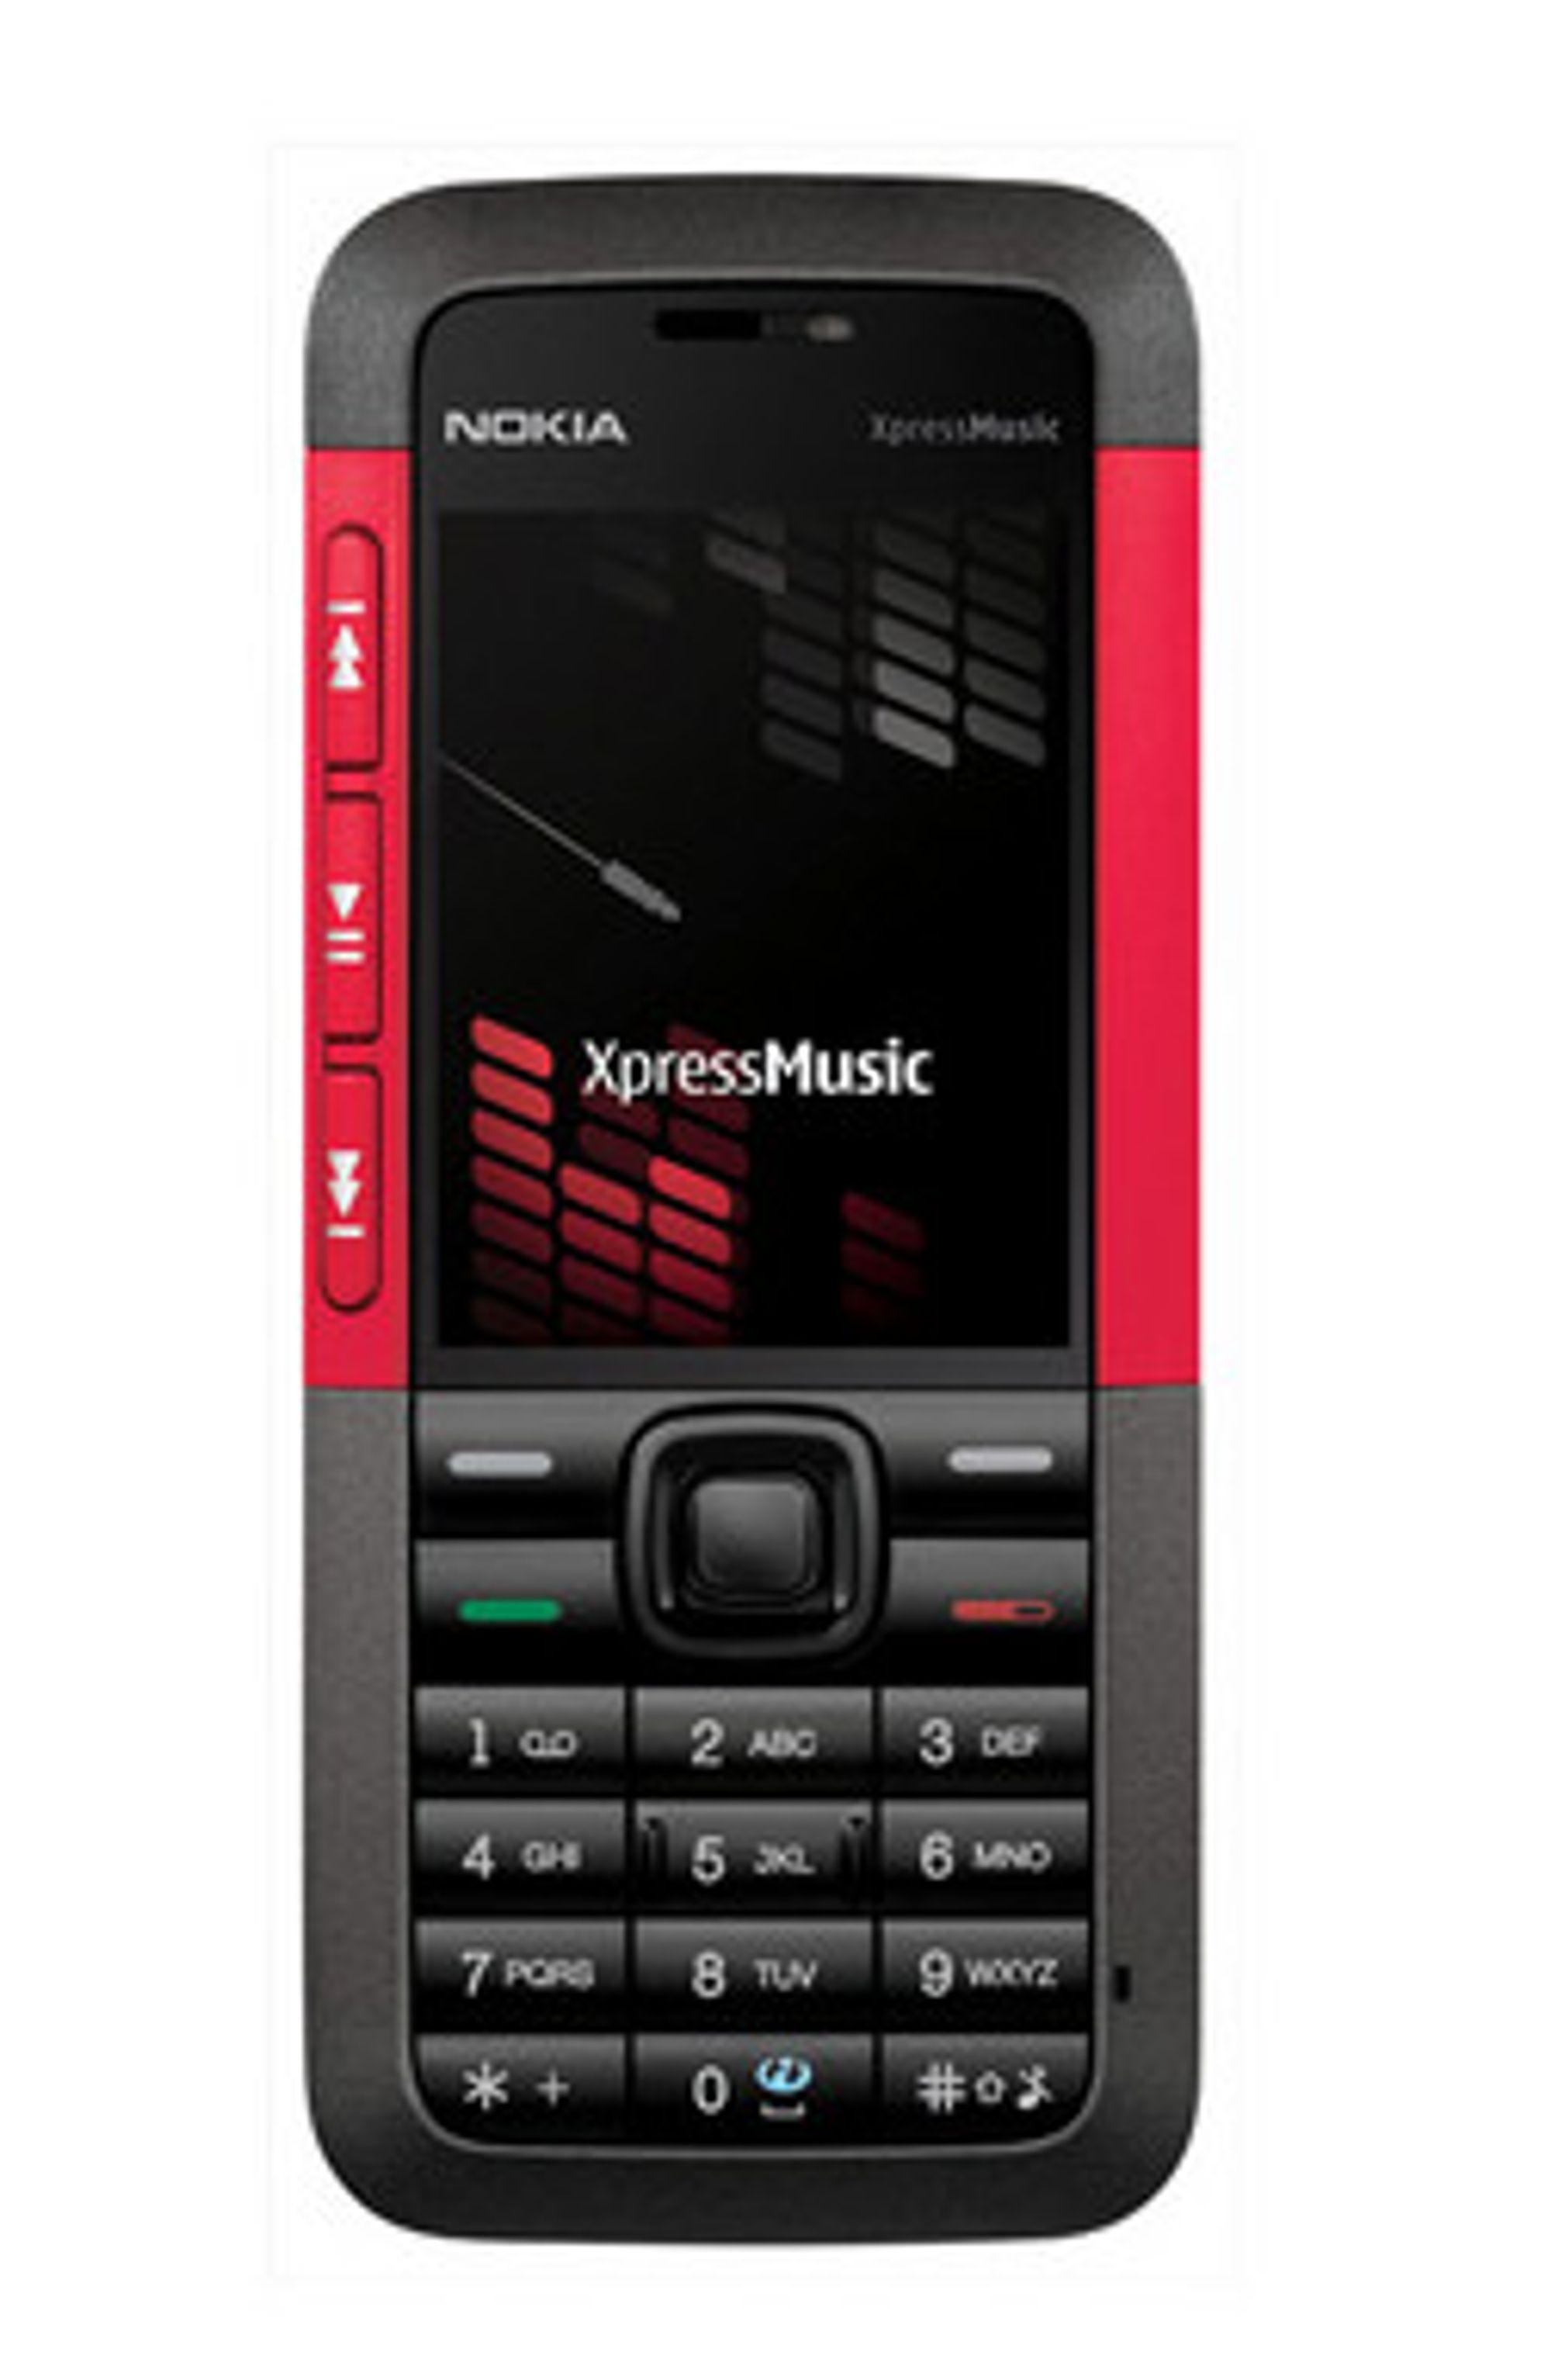 5310 er en del av Nokias Xpress Music-serie.